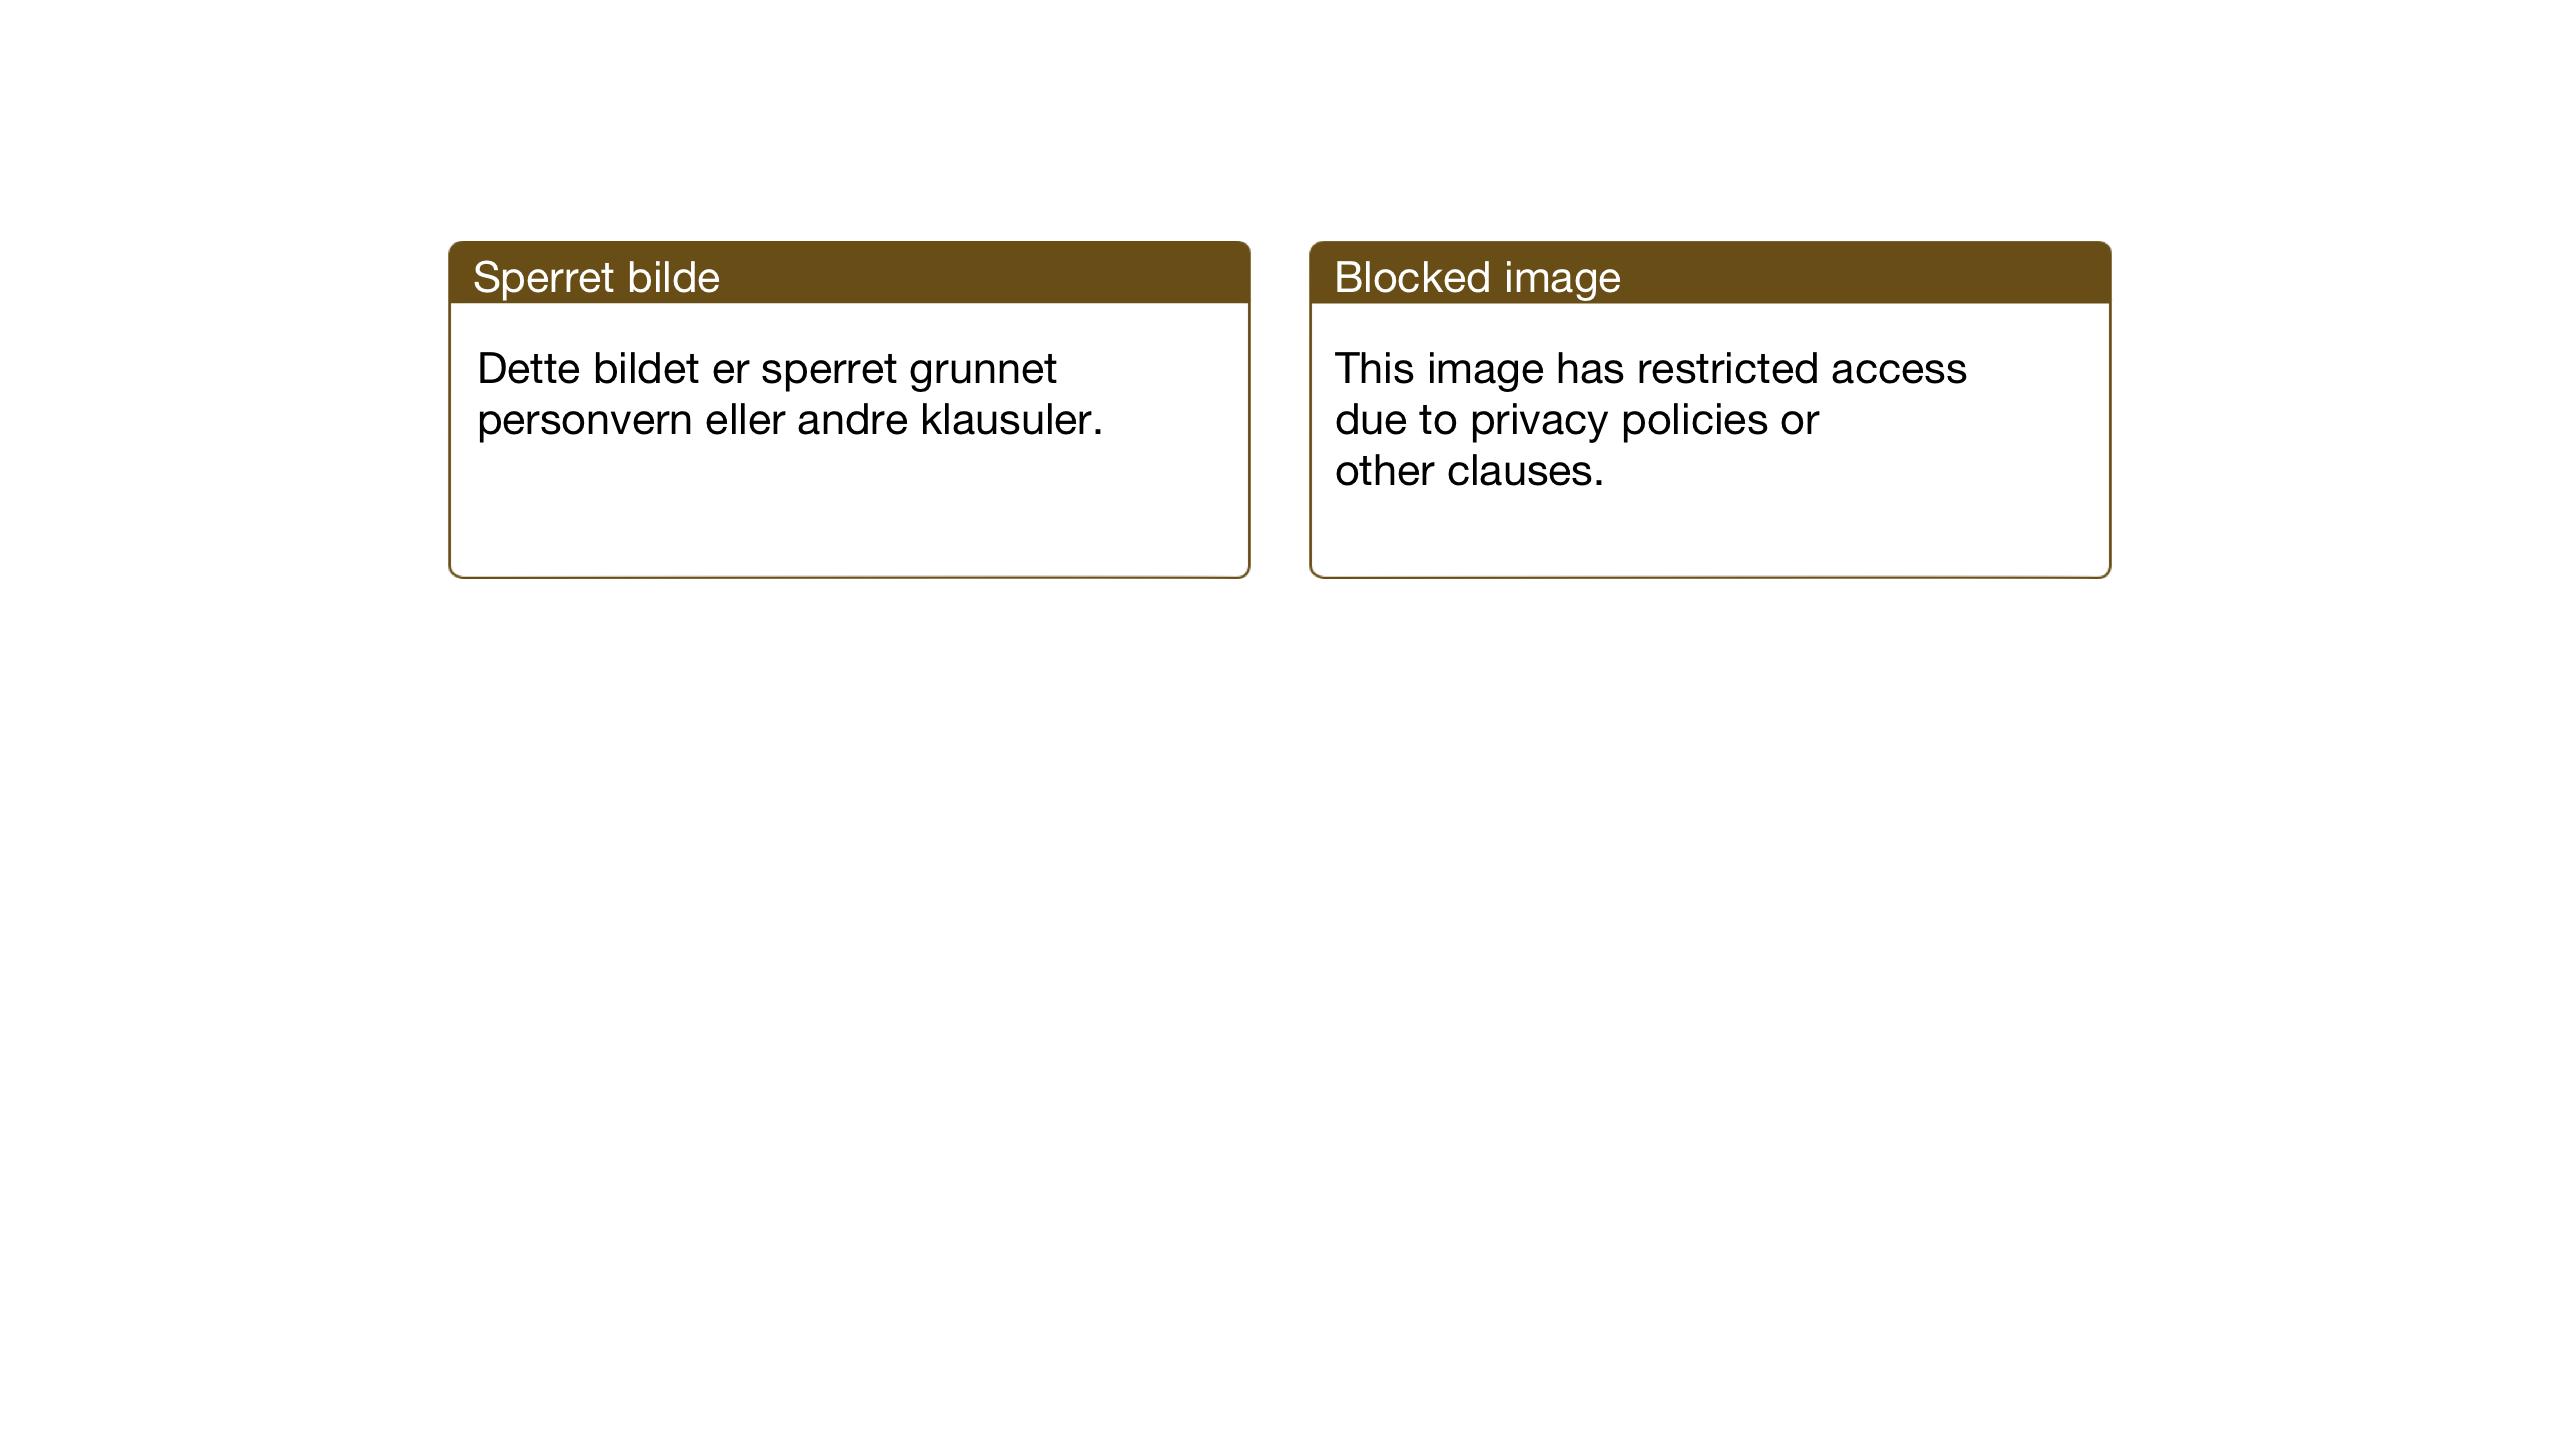 SAT, Ministerialprotokoller, klokkerbøker og fødselsregistre - Sør-Trøndelag, 603/L0174: Klokkerbok nr. 603C02, 1923-1951, s. 116